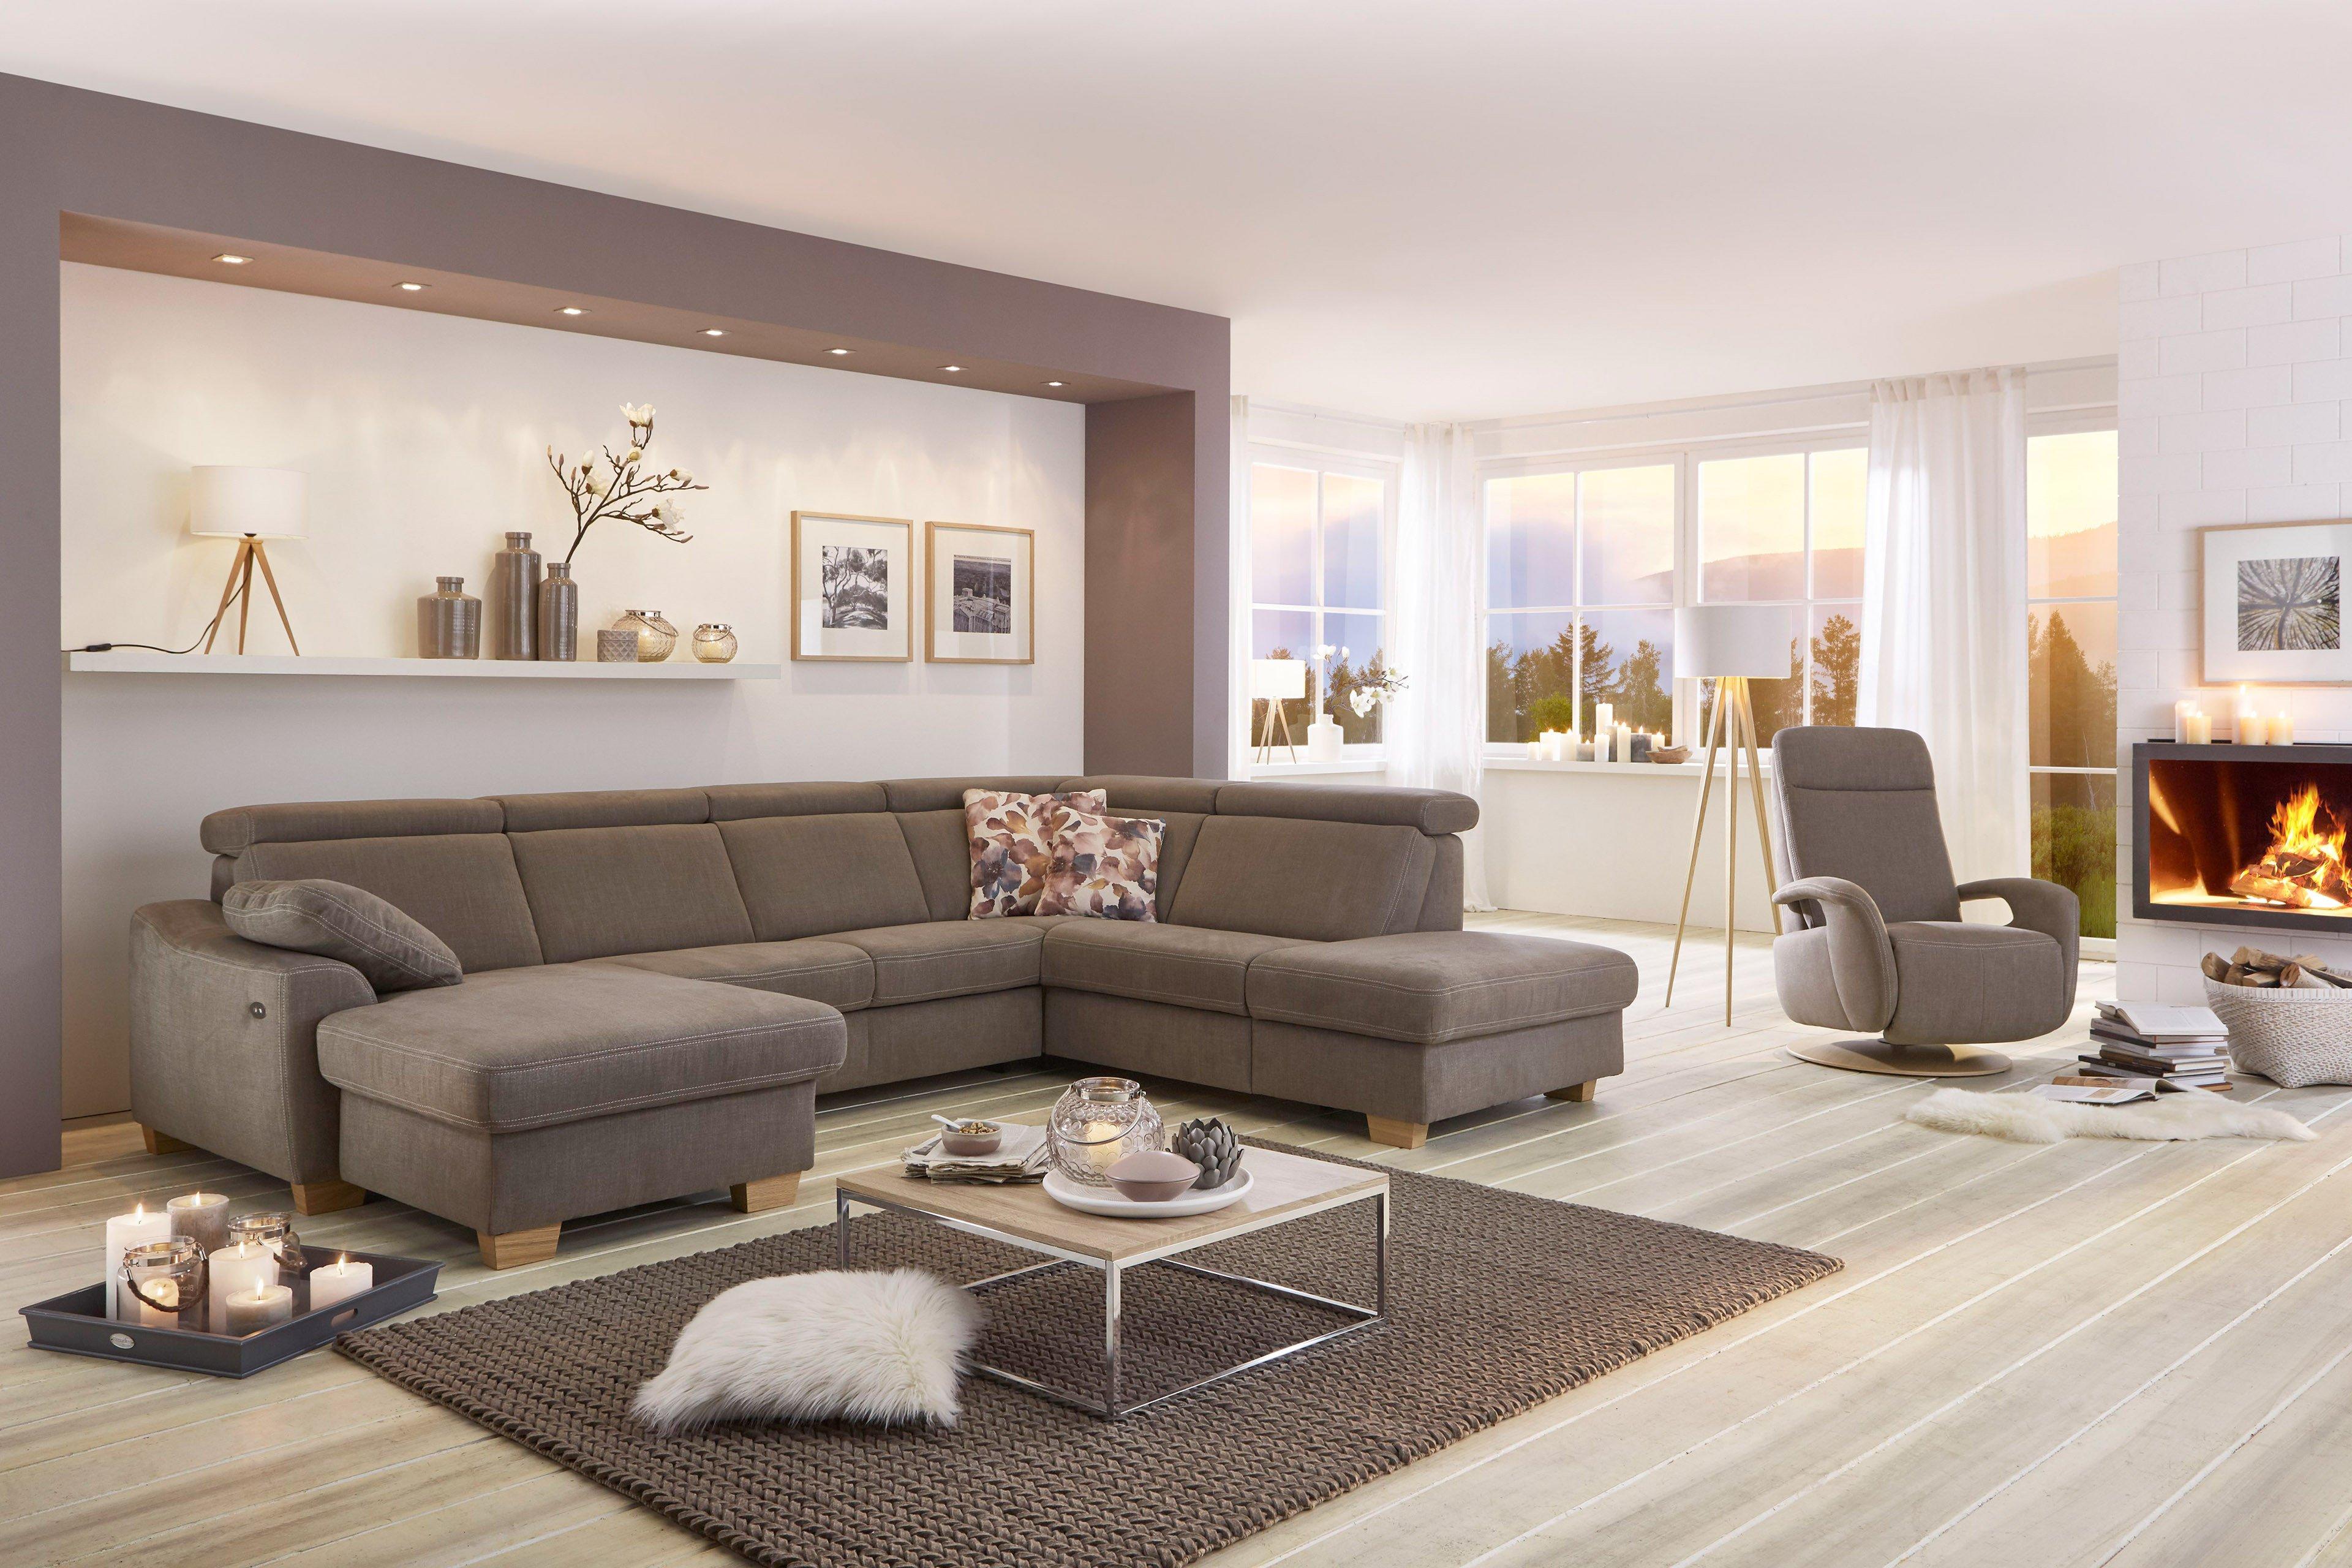 Zehdenick Arcadia Polstergarnitur nougat | Möbel Letz - Ihr Online-Shop